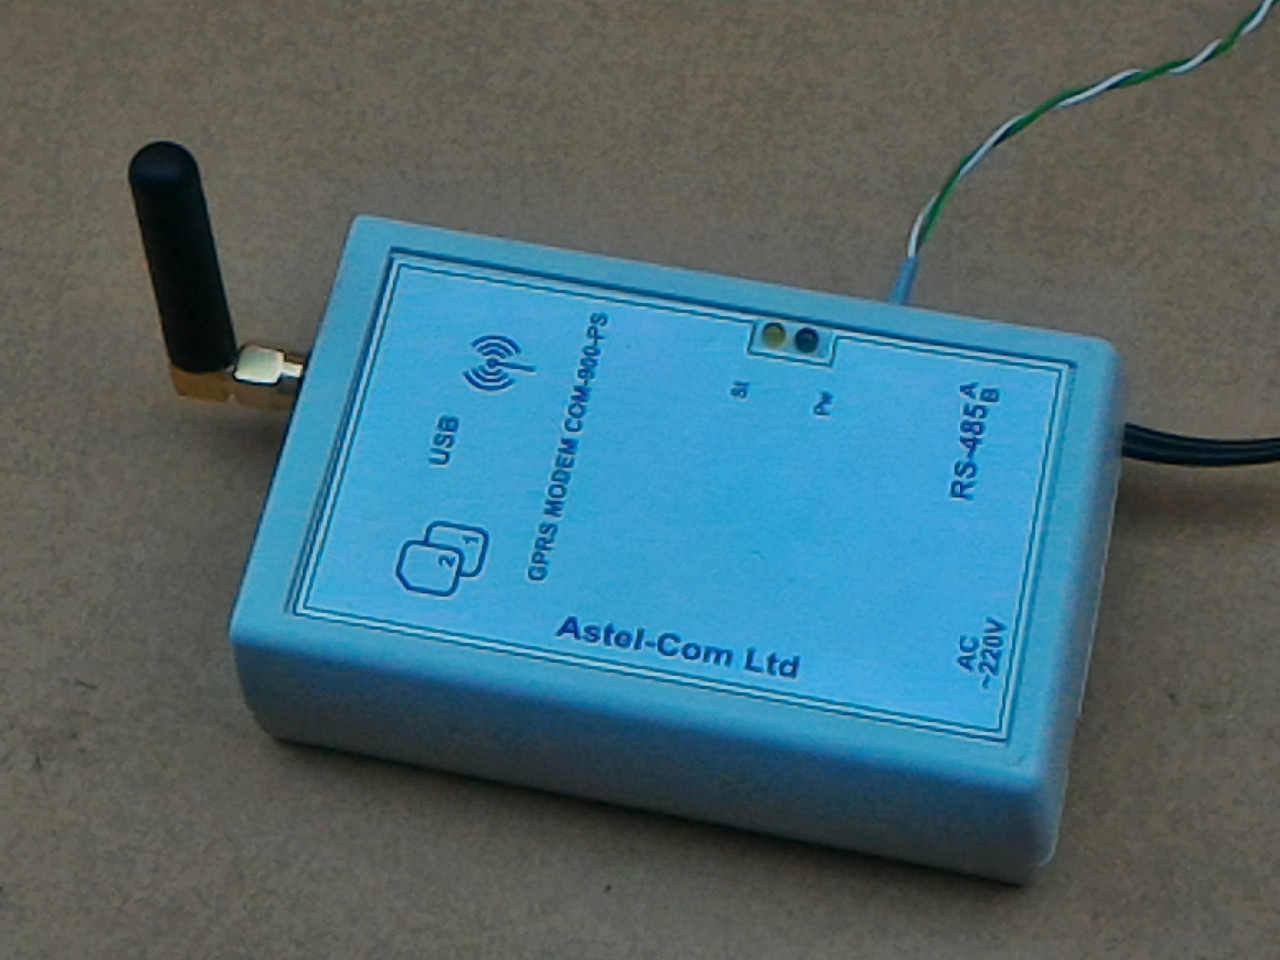 Модем СОМ-900-PSG, аналог програмованого контролера MCL 5.10 для лічильників GAMA